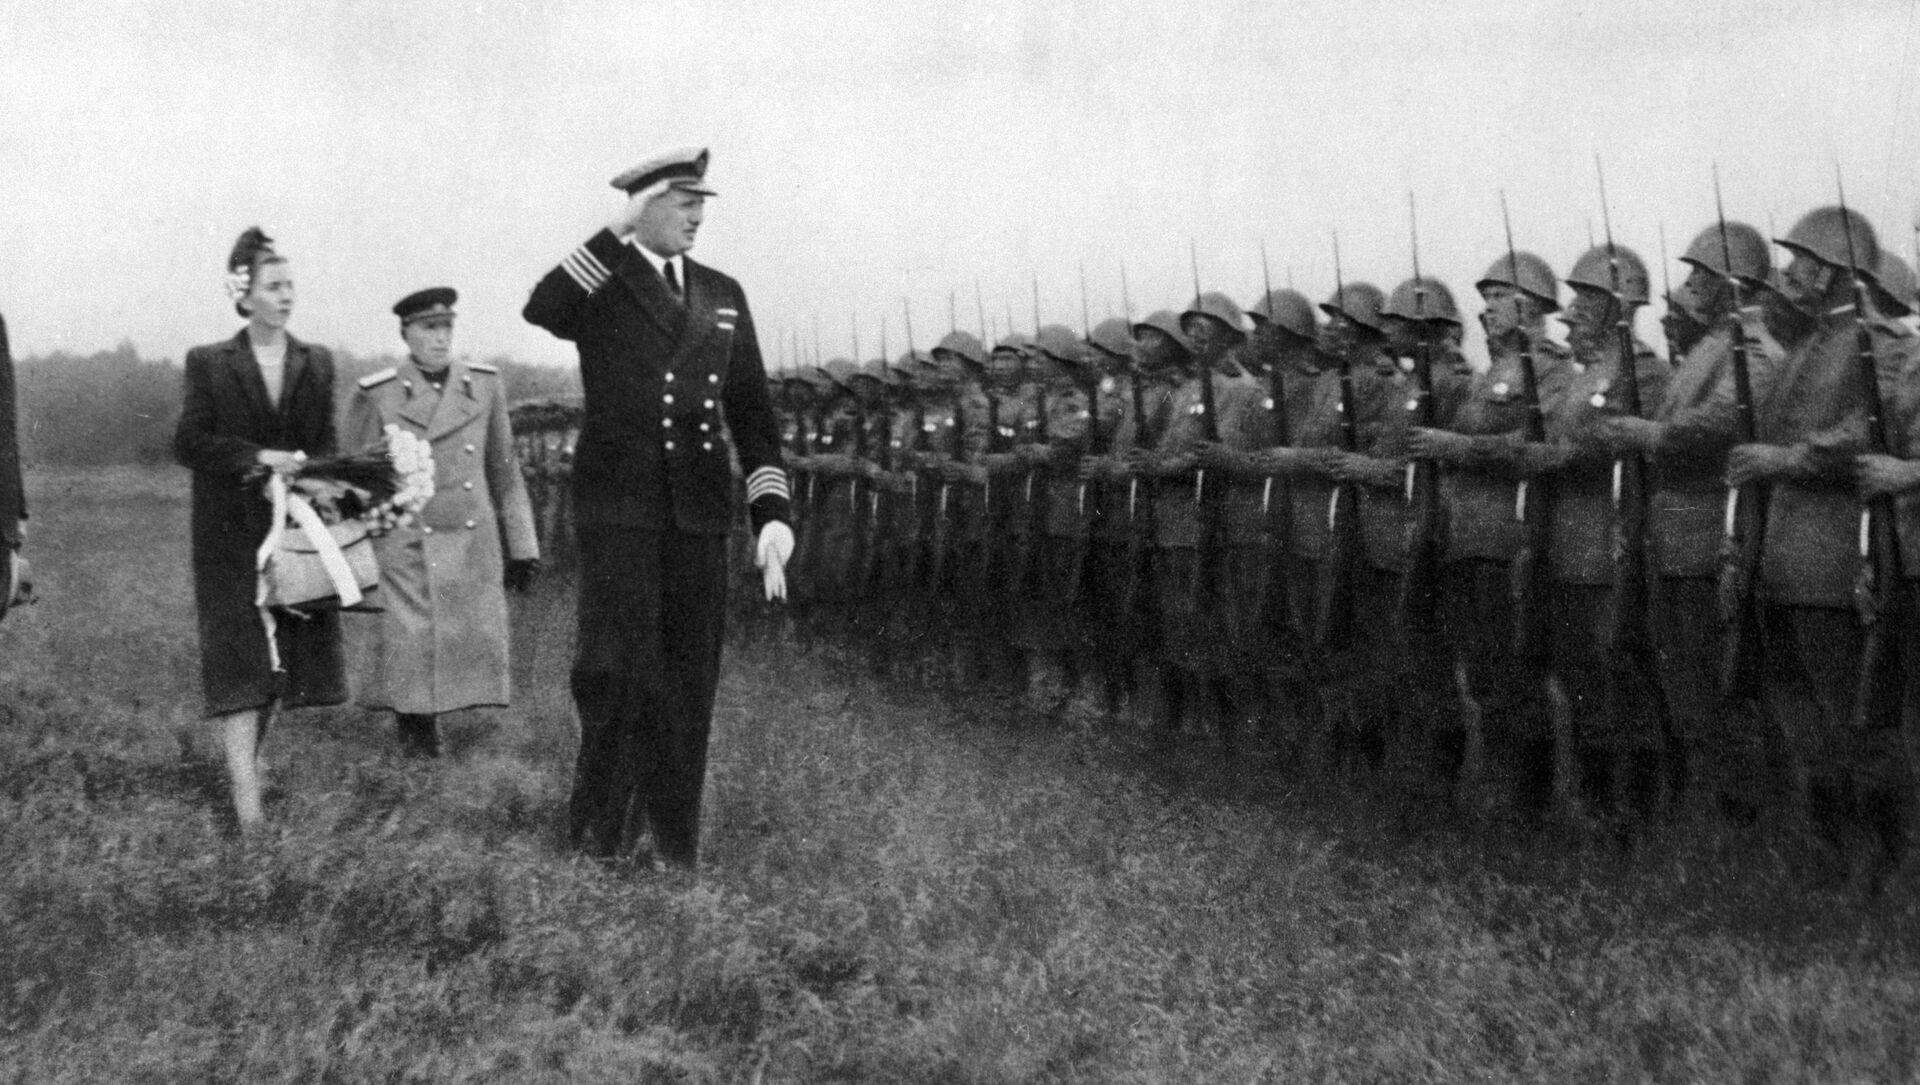 Książę Fryderyk, księżniczka Ingrid i gubernator Stemann wraz z dowódcą wojsk radzieckich, generałem Fiodorem Korotkowem w obecności wojsk radzieckich, które wyzwoliły wyspę Bornholm podczas II wojny światowej. - Sputnik Polska, 1920, 15.04.2021